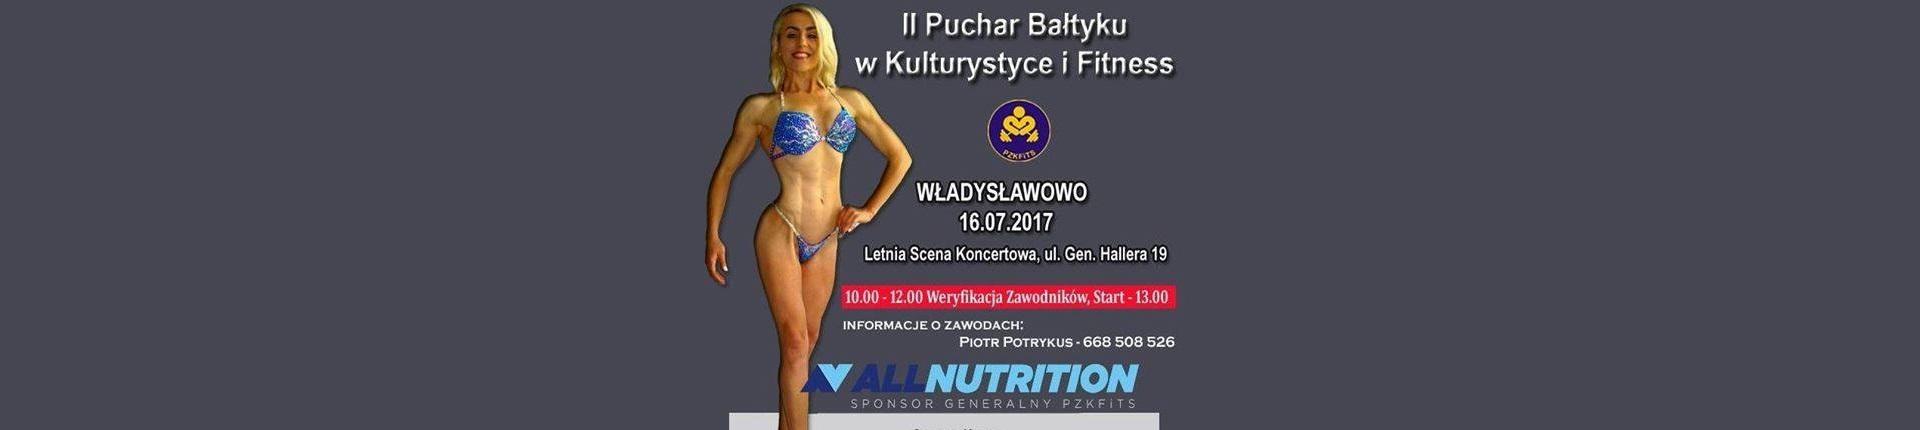 16.07.2017 II Puchar Bałtyku w Kulturystyce i Fitness 2017 - Władysławowo